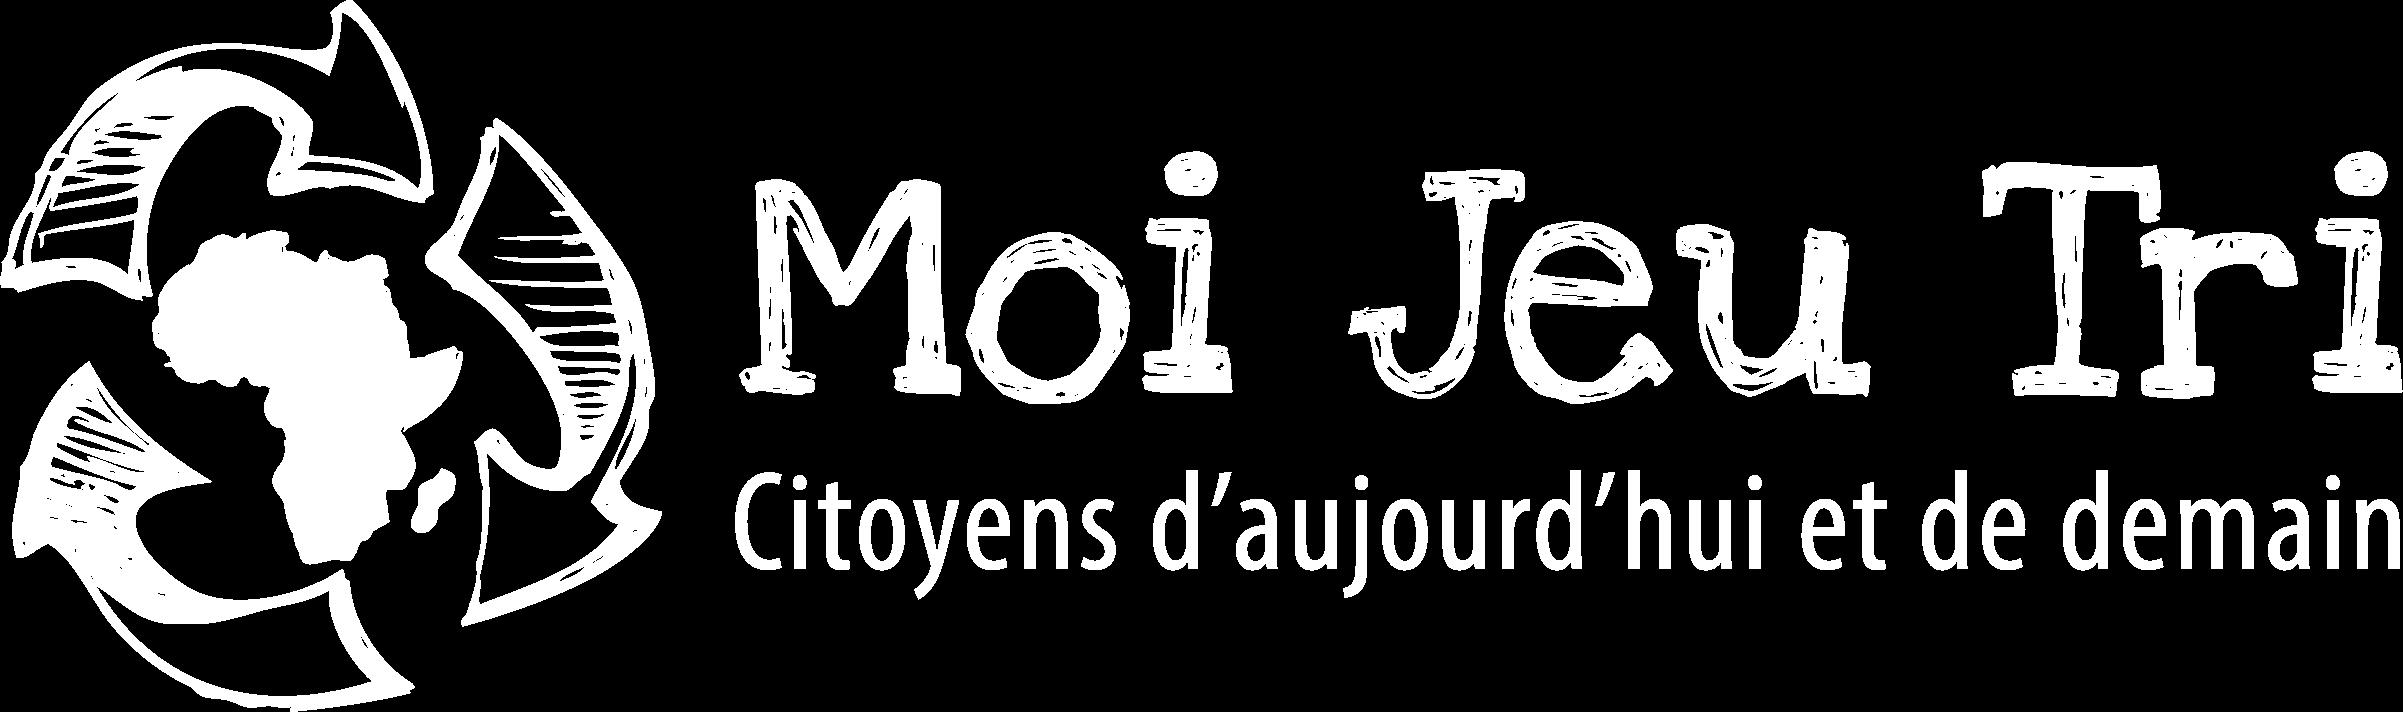 Moijeutri